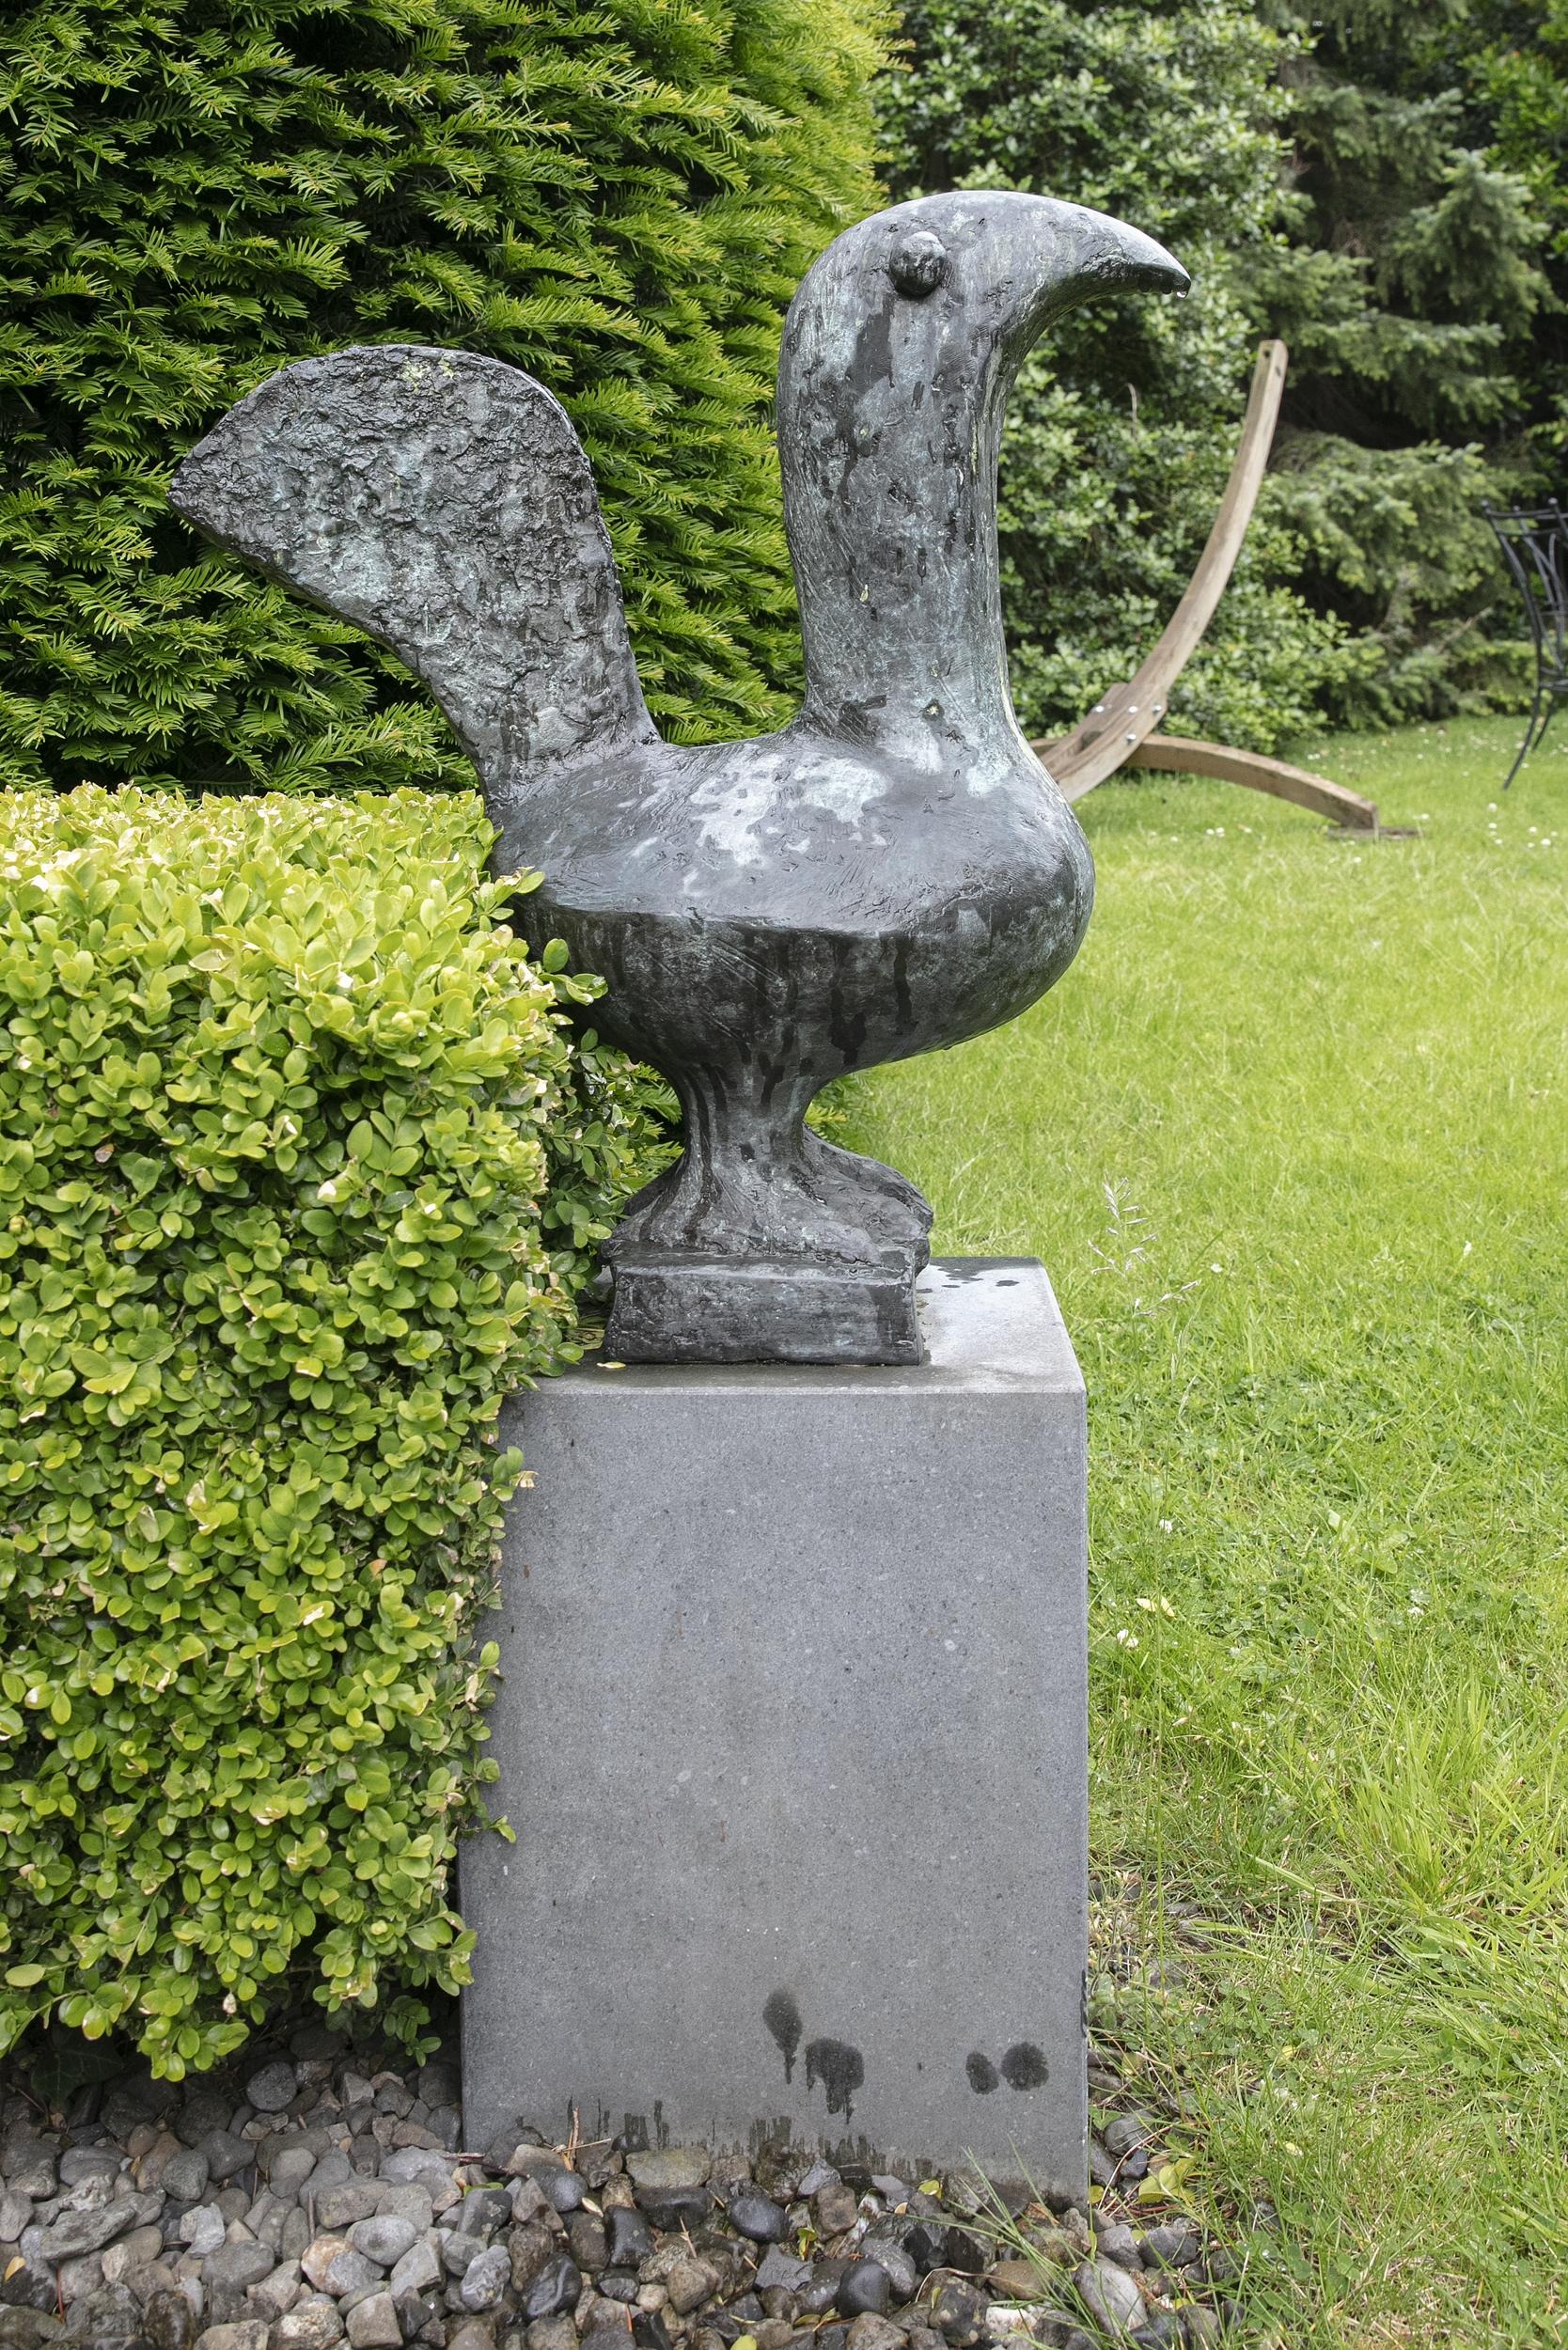 Lot 74 - Breon O'Casey (1928-2011)Dark BirdBronze, 63 x 53 x 26cm (24.8 x 20.8 x 10.2), on a stone